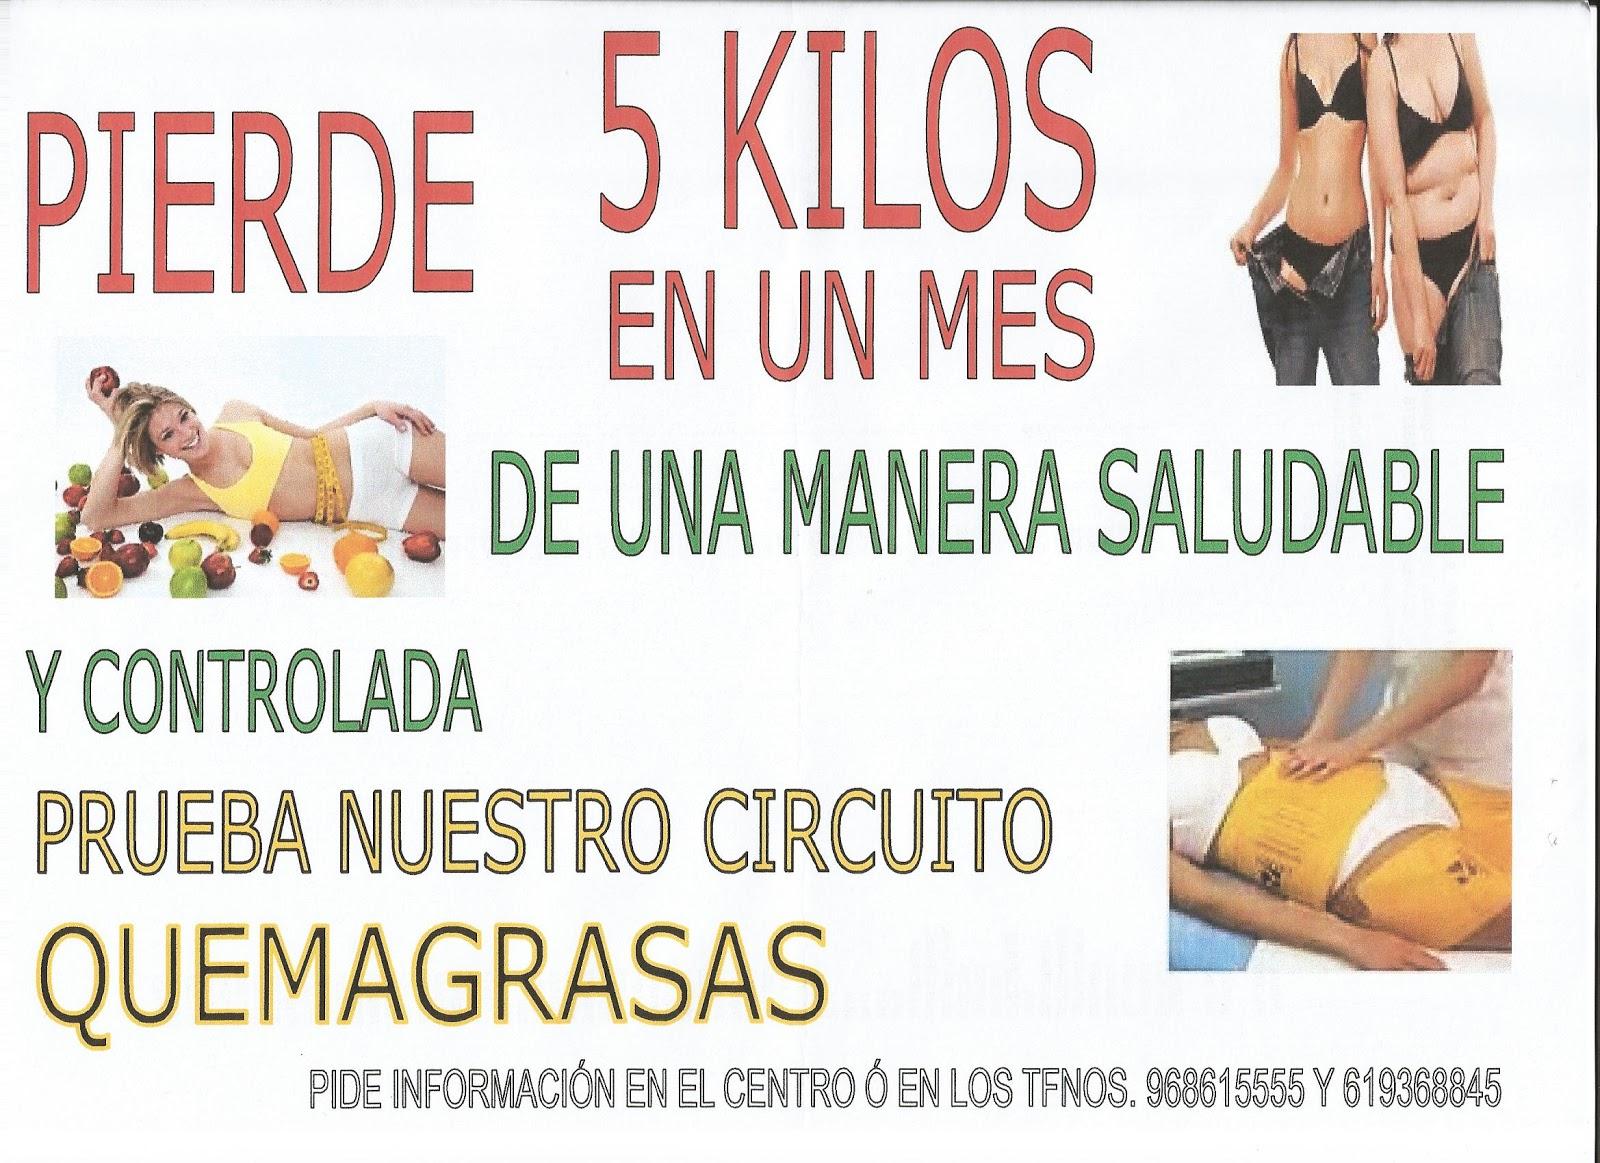 Circuito Quemagrasas : Estética y cosmética reme: marzo 2013